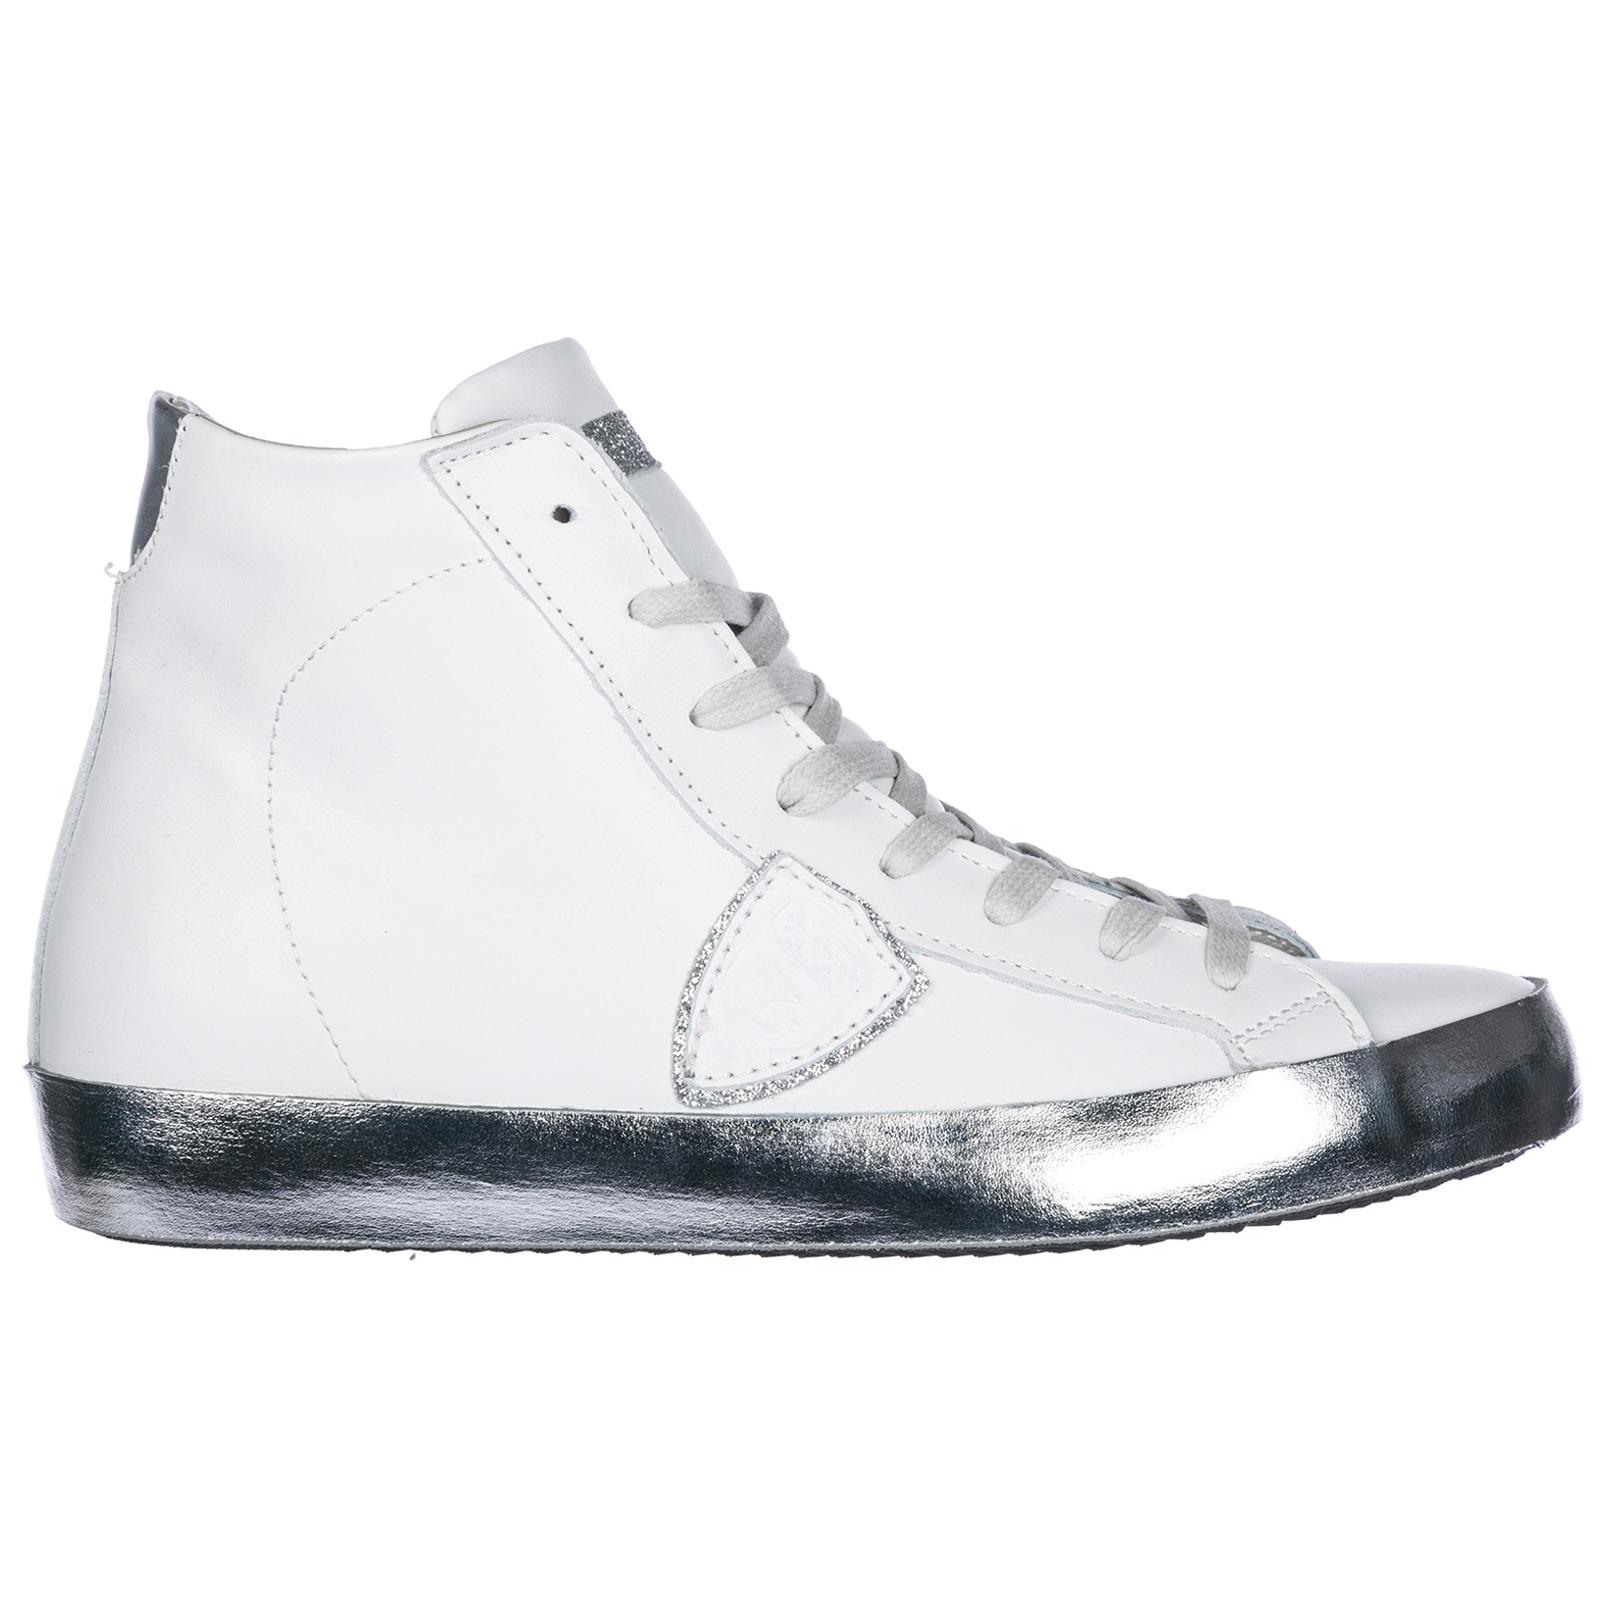 Scarpe sneakers alte donna in pelle paris h